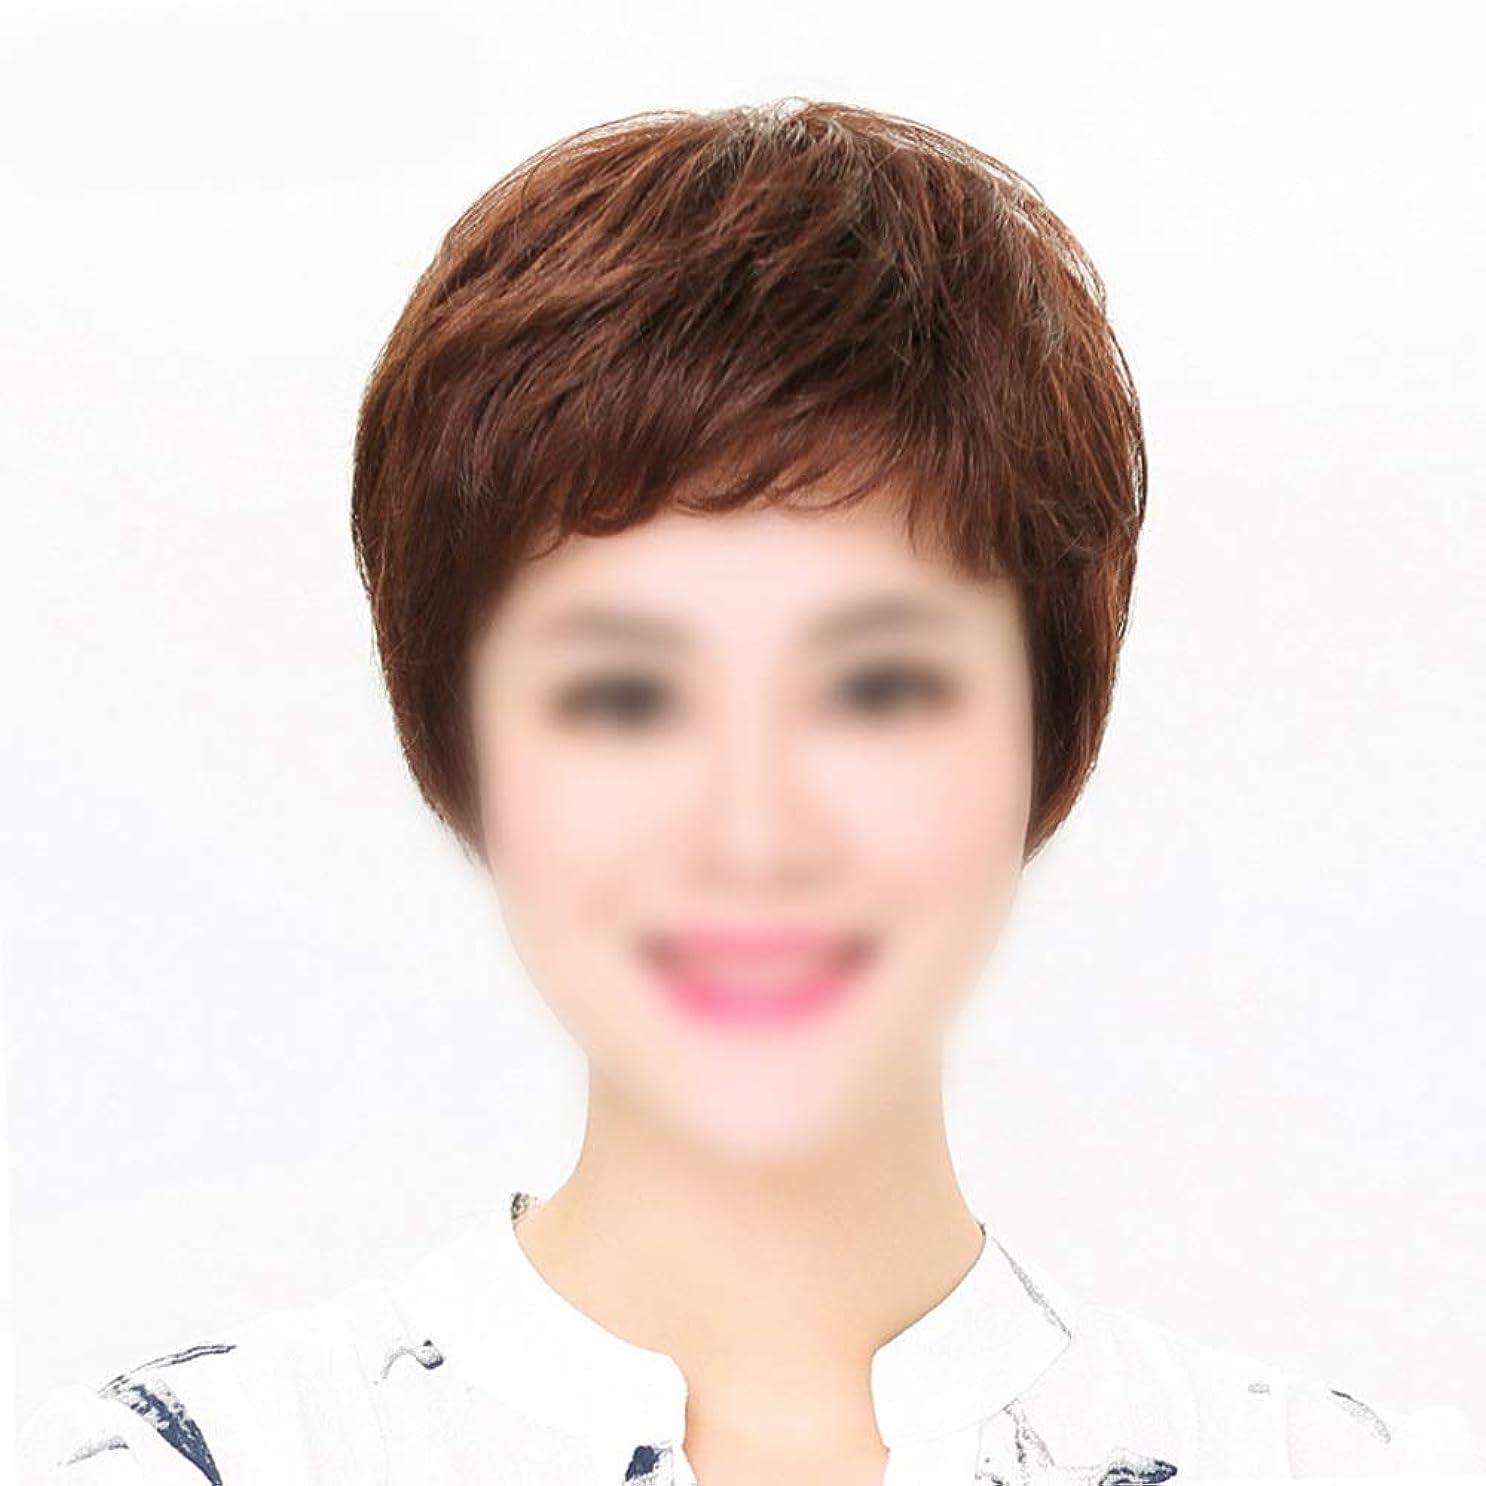 等価マンハッタン軽減するHOHYLLYA ママデイリードレスパーティーウィッグのためのかつら自然な人間の髪の毛の拡張子ストレートヘア (色 : Dark brown, サイズ : Mechanism)